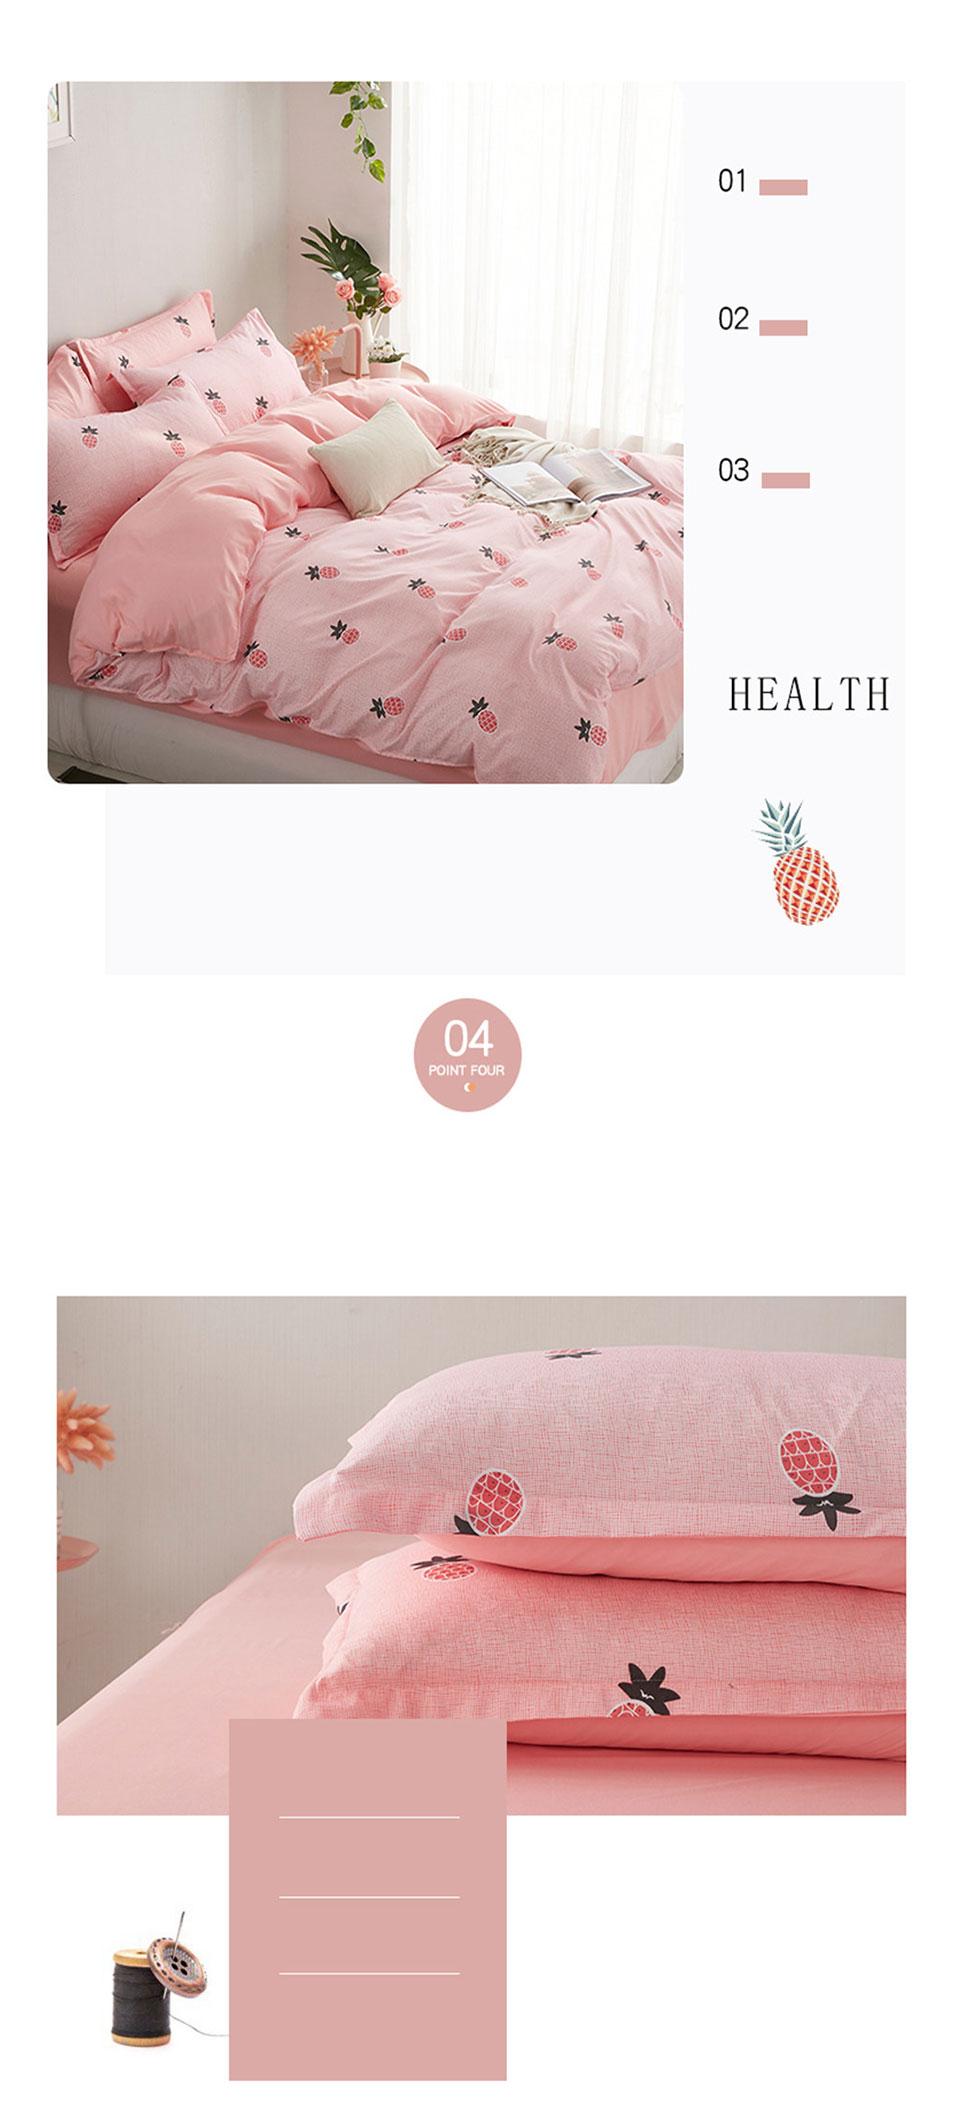 capa cama decoração casa jogo do fundamento